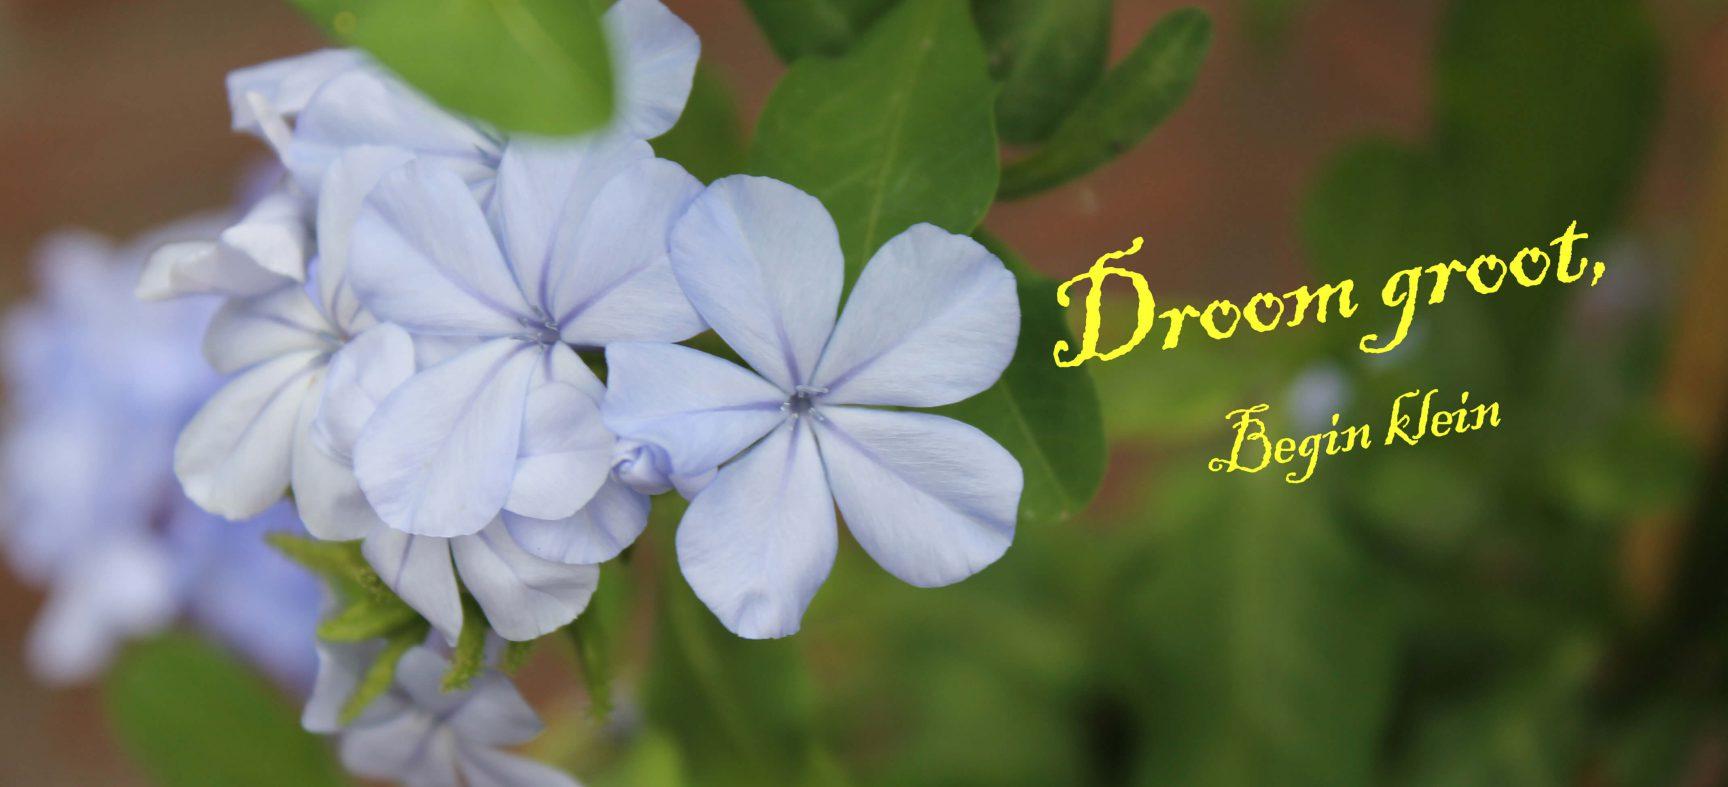 Haal positieve kracht uit Blue Monday